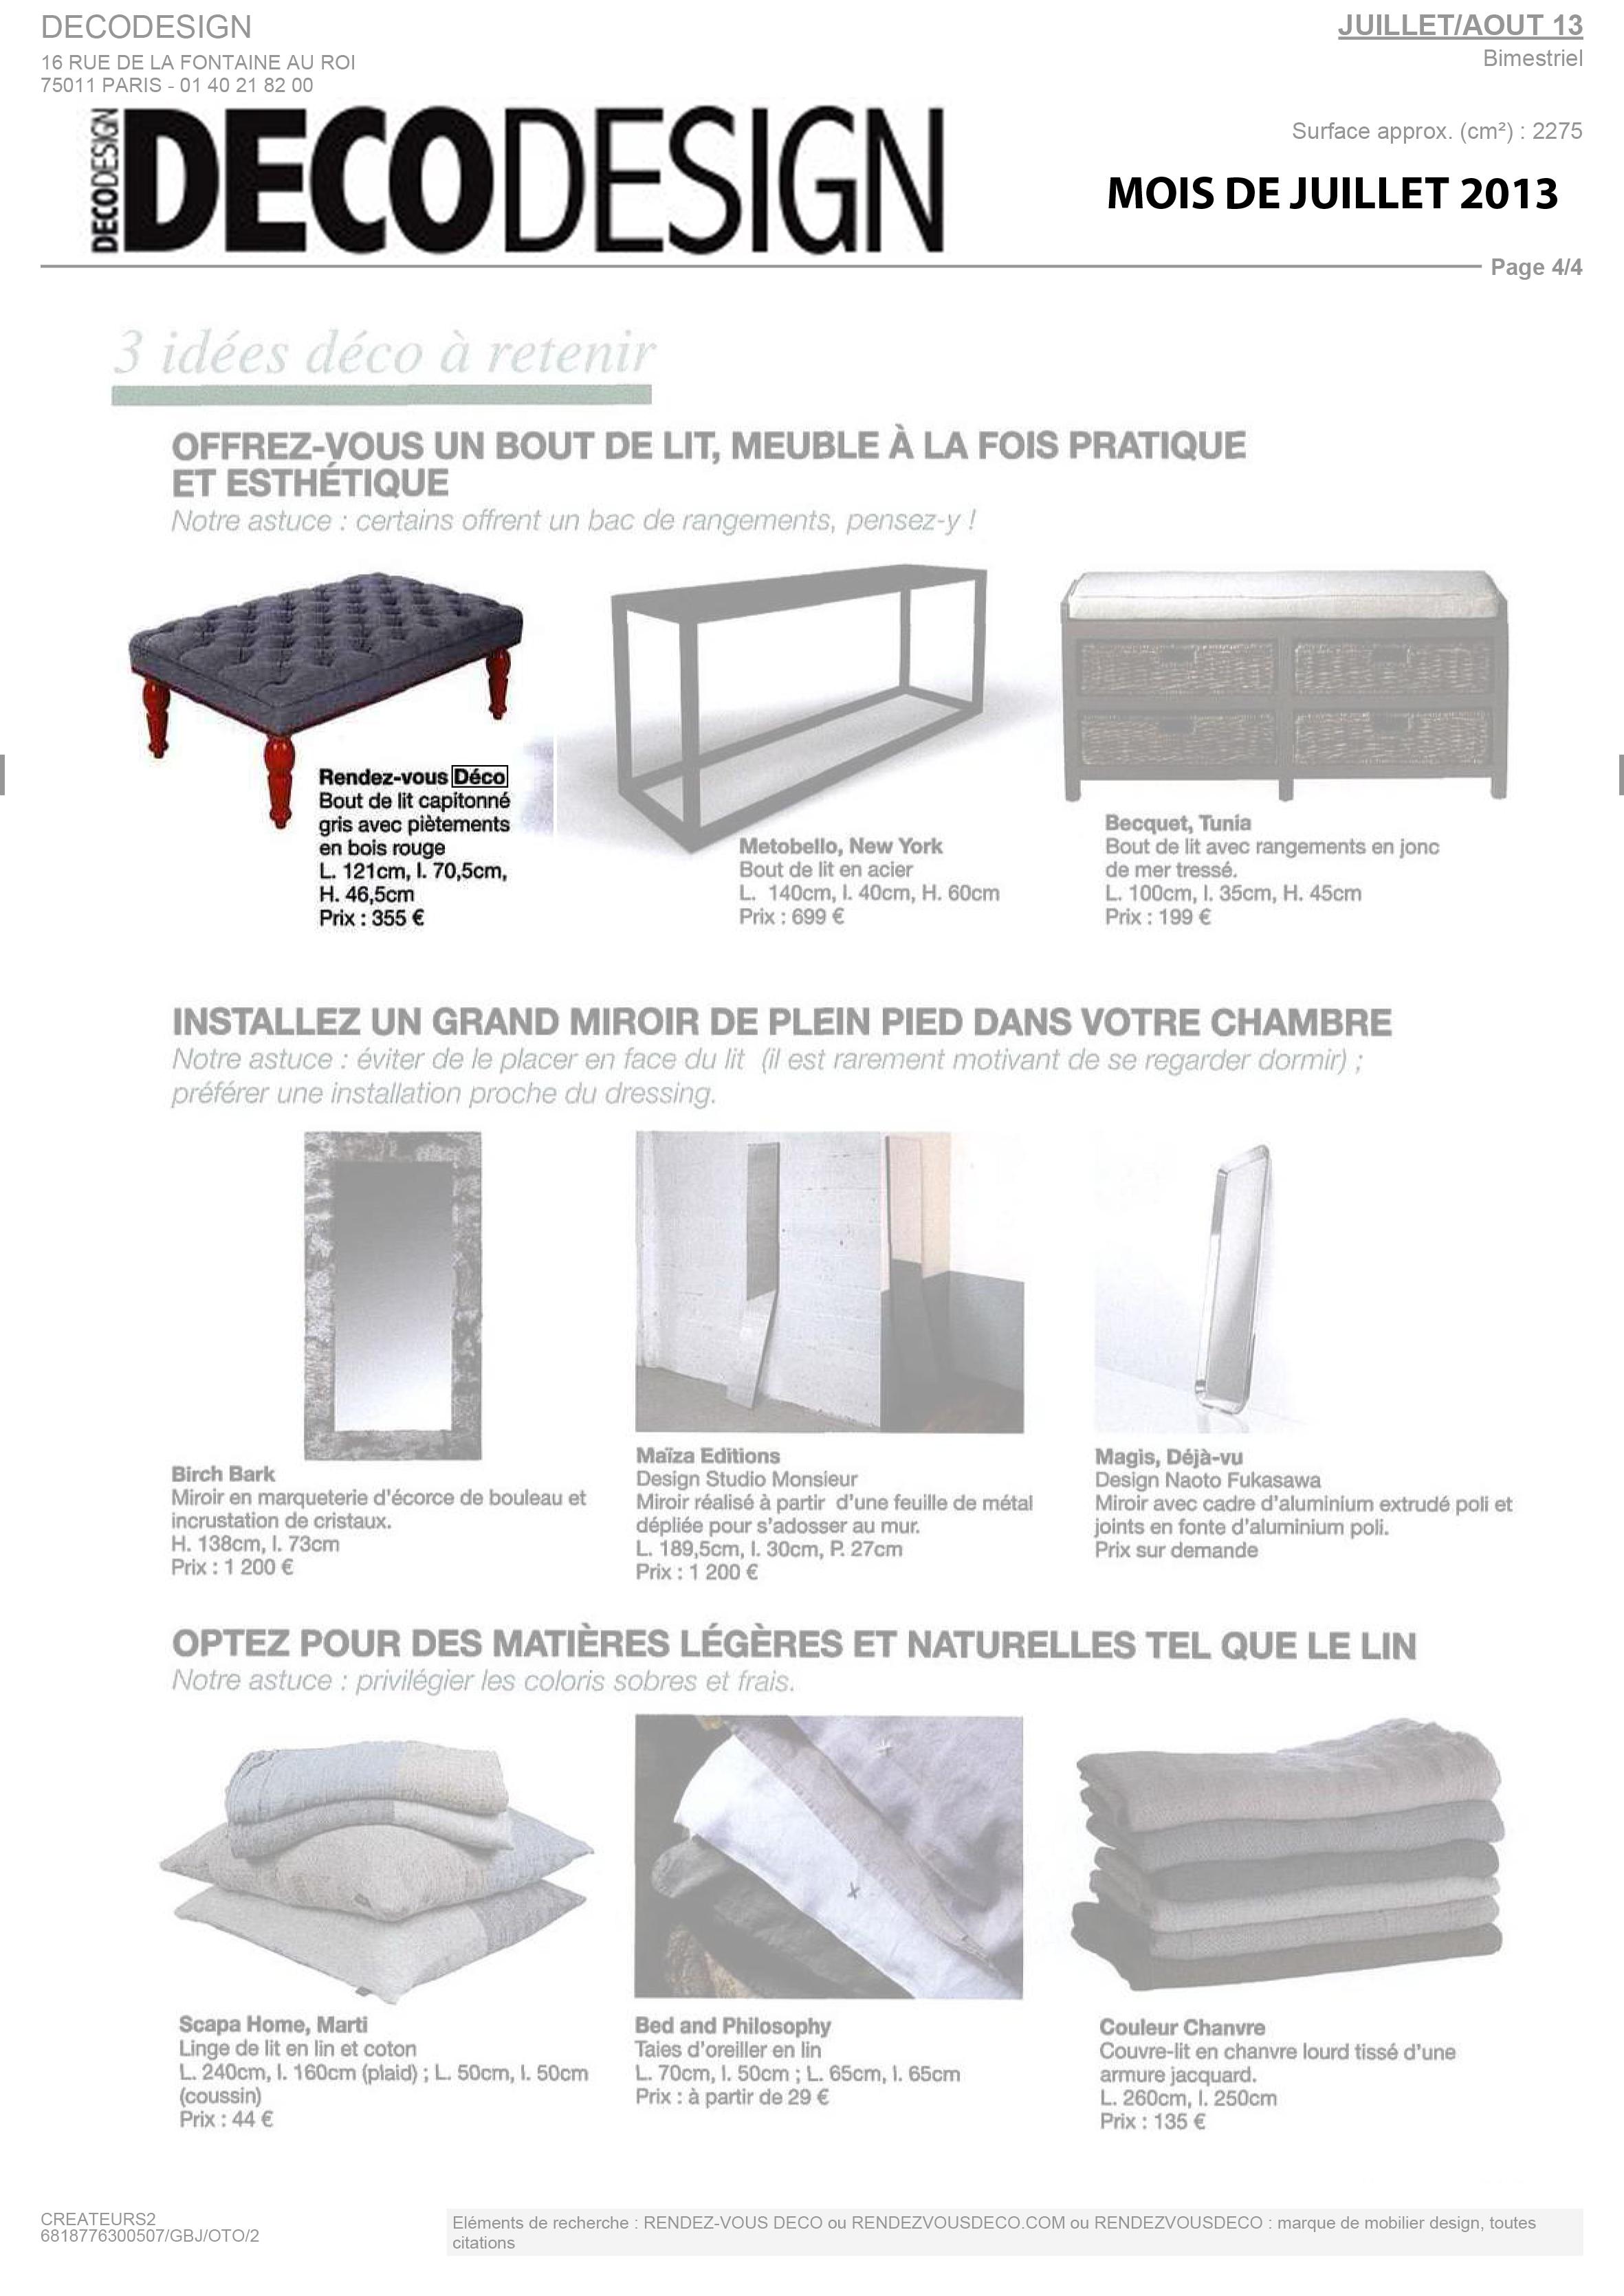 Rendez vous deco mobilier design for Deco mobilier design